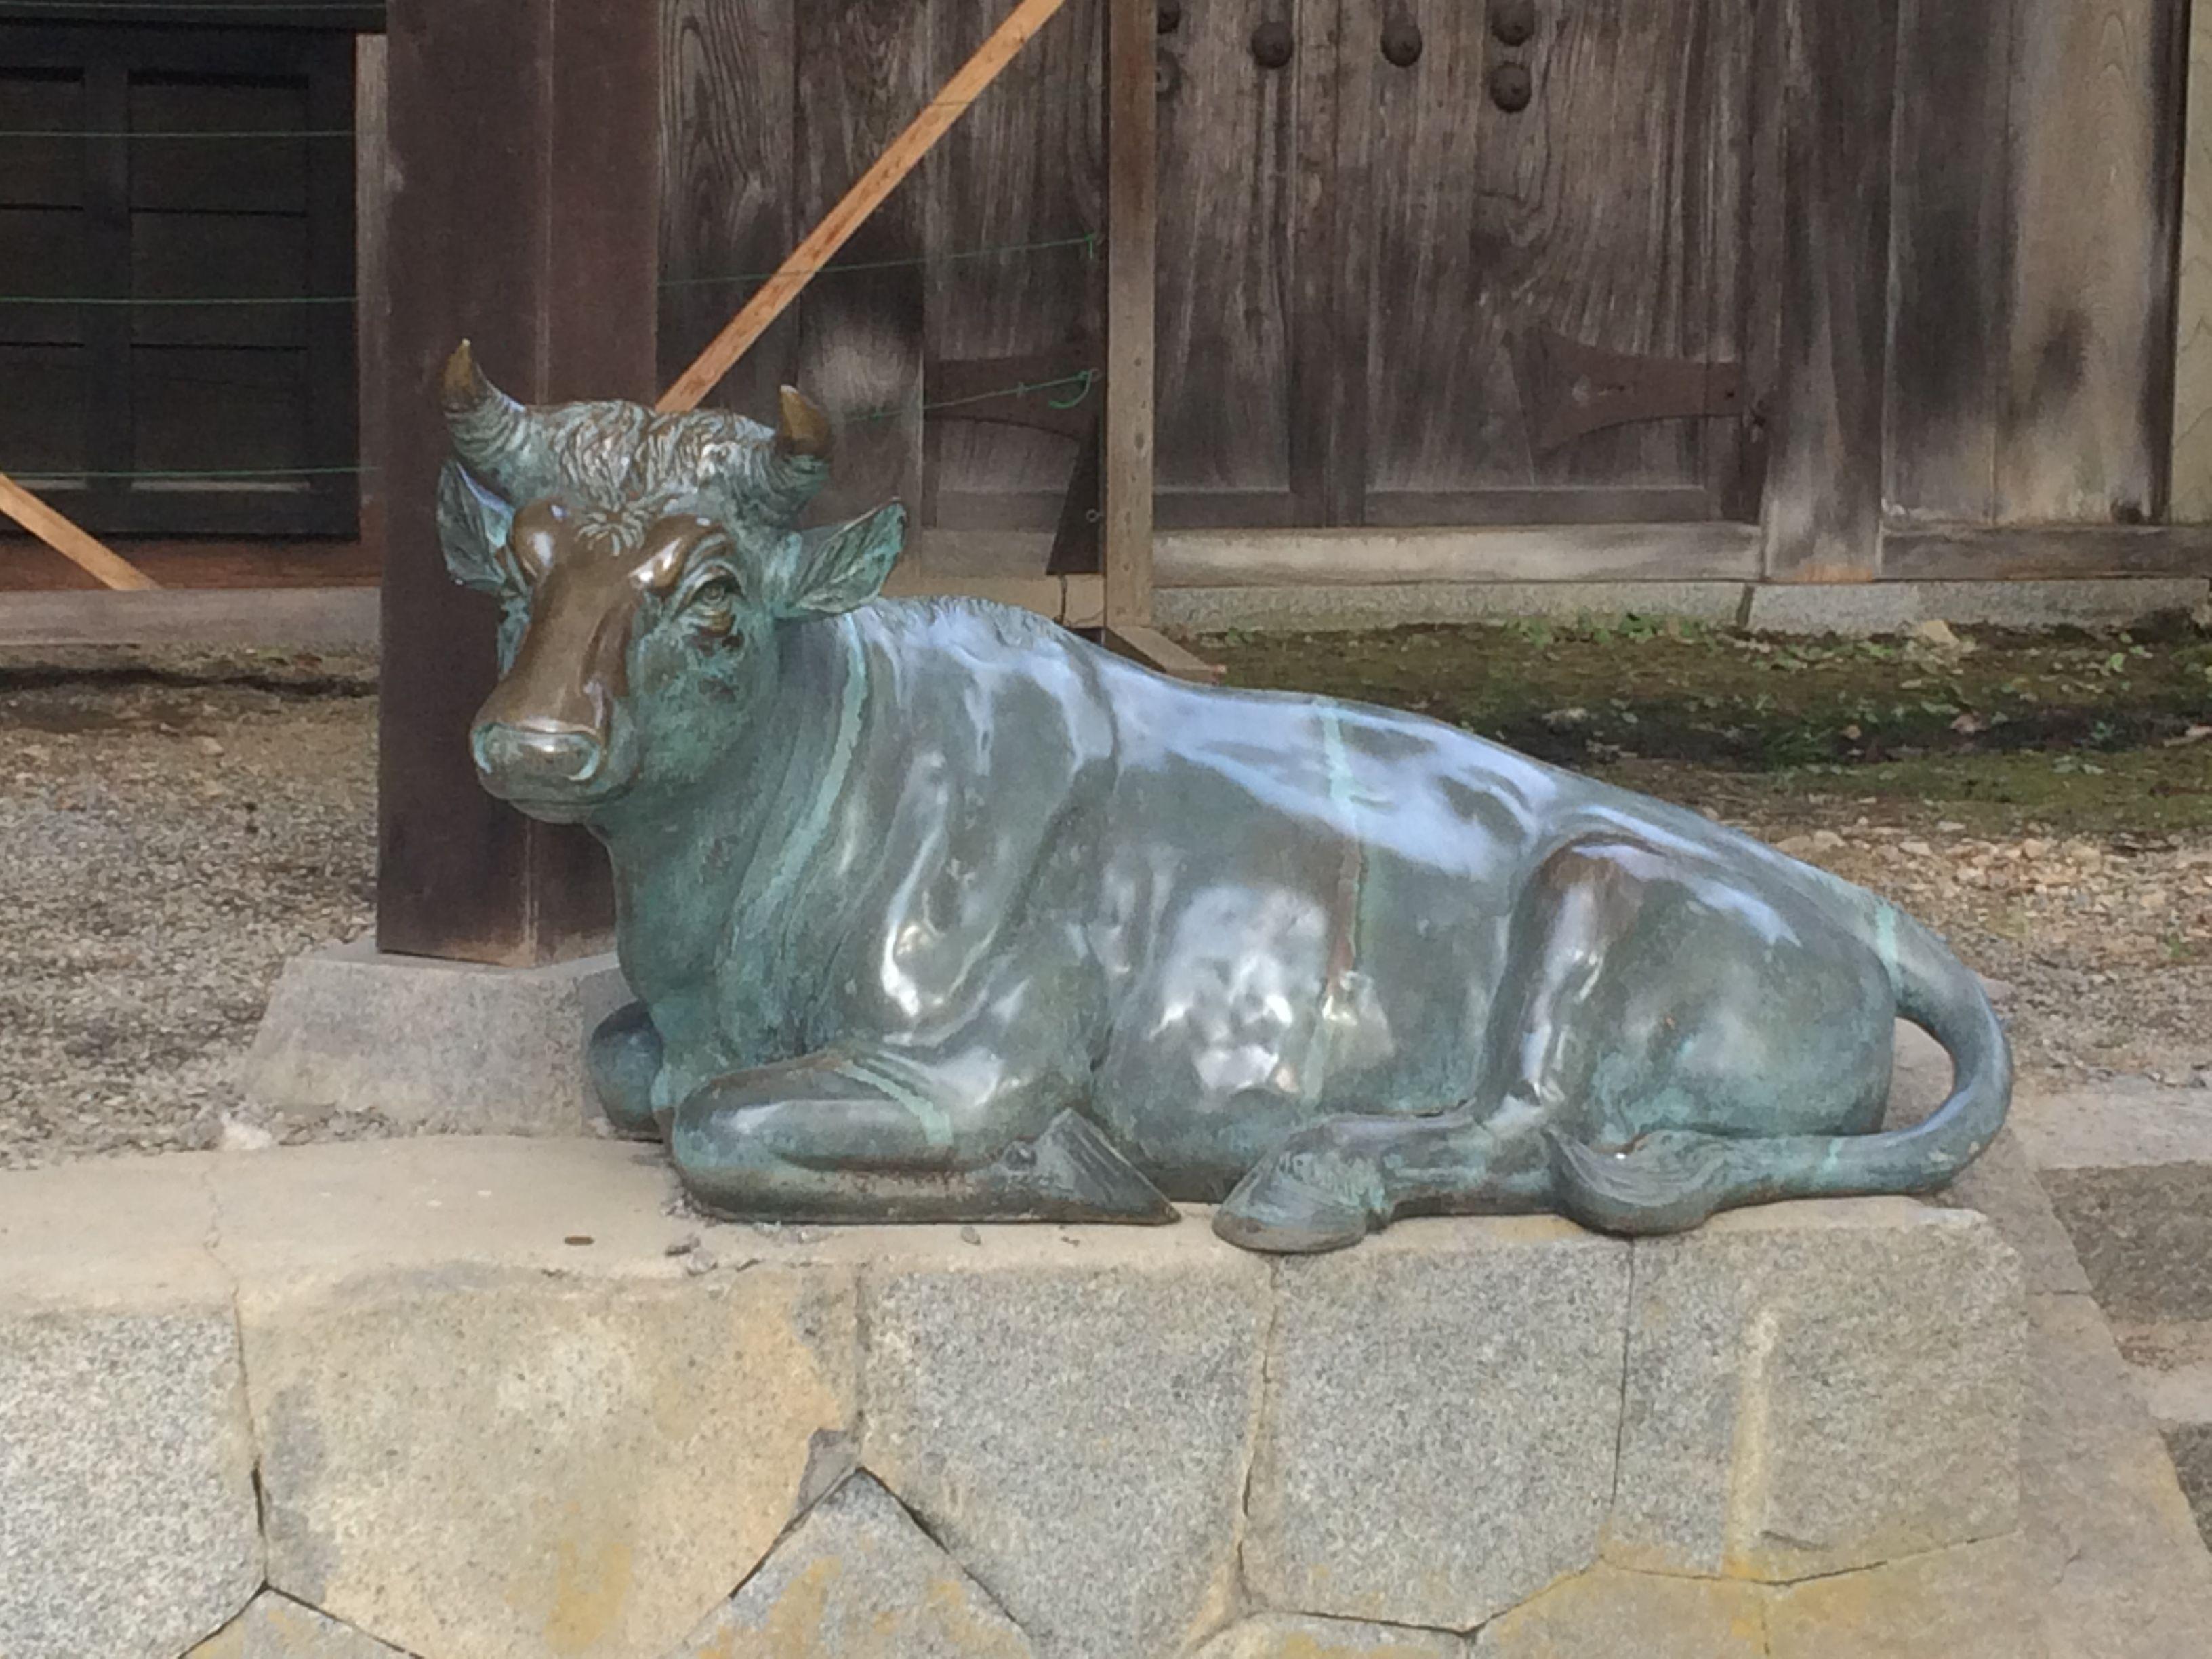 通常なら仁王門の前に対で置かれている牛の像ですが、台座の修理中なのか一体は参道の脇に鎮座していました。